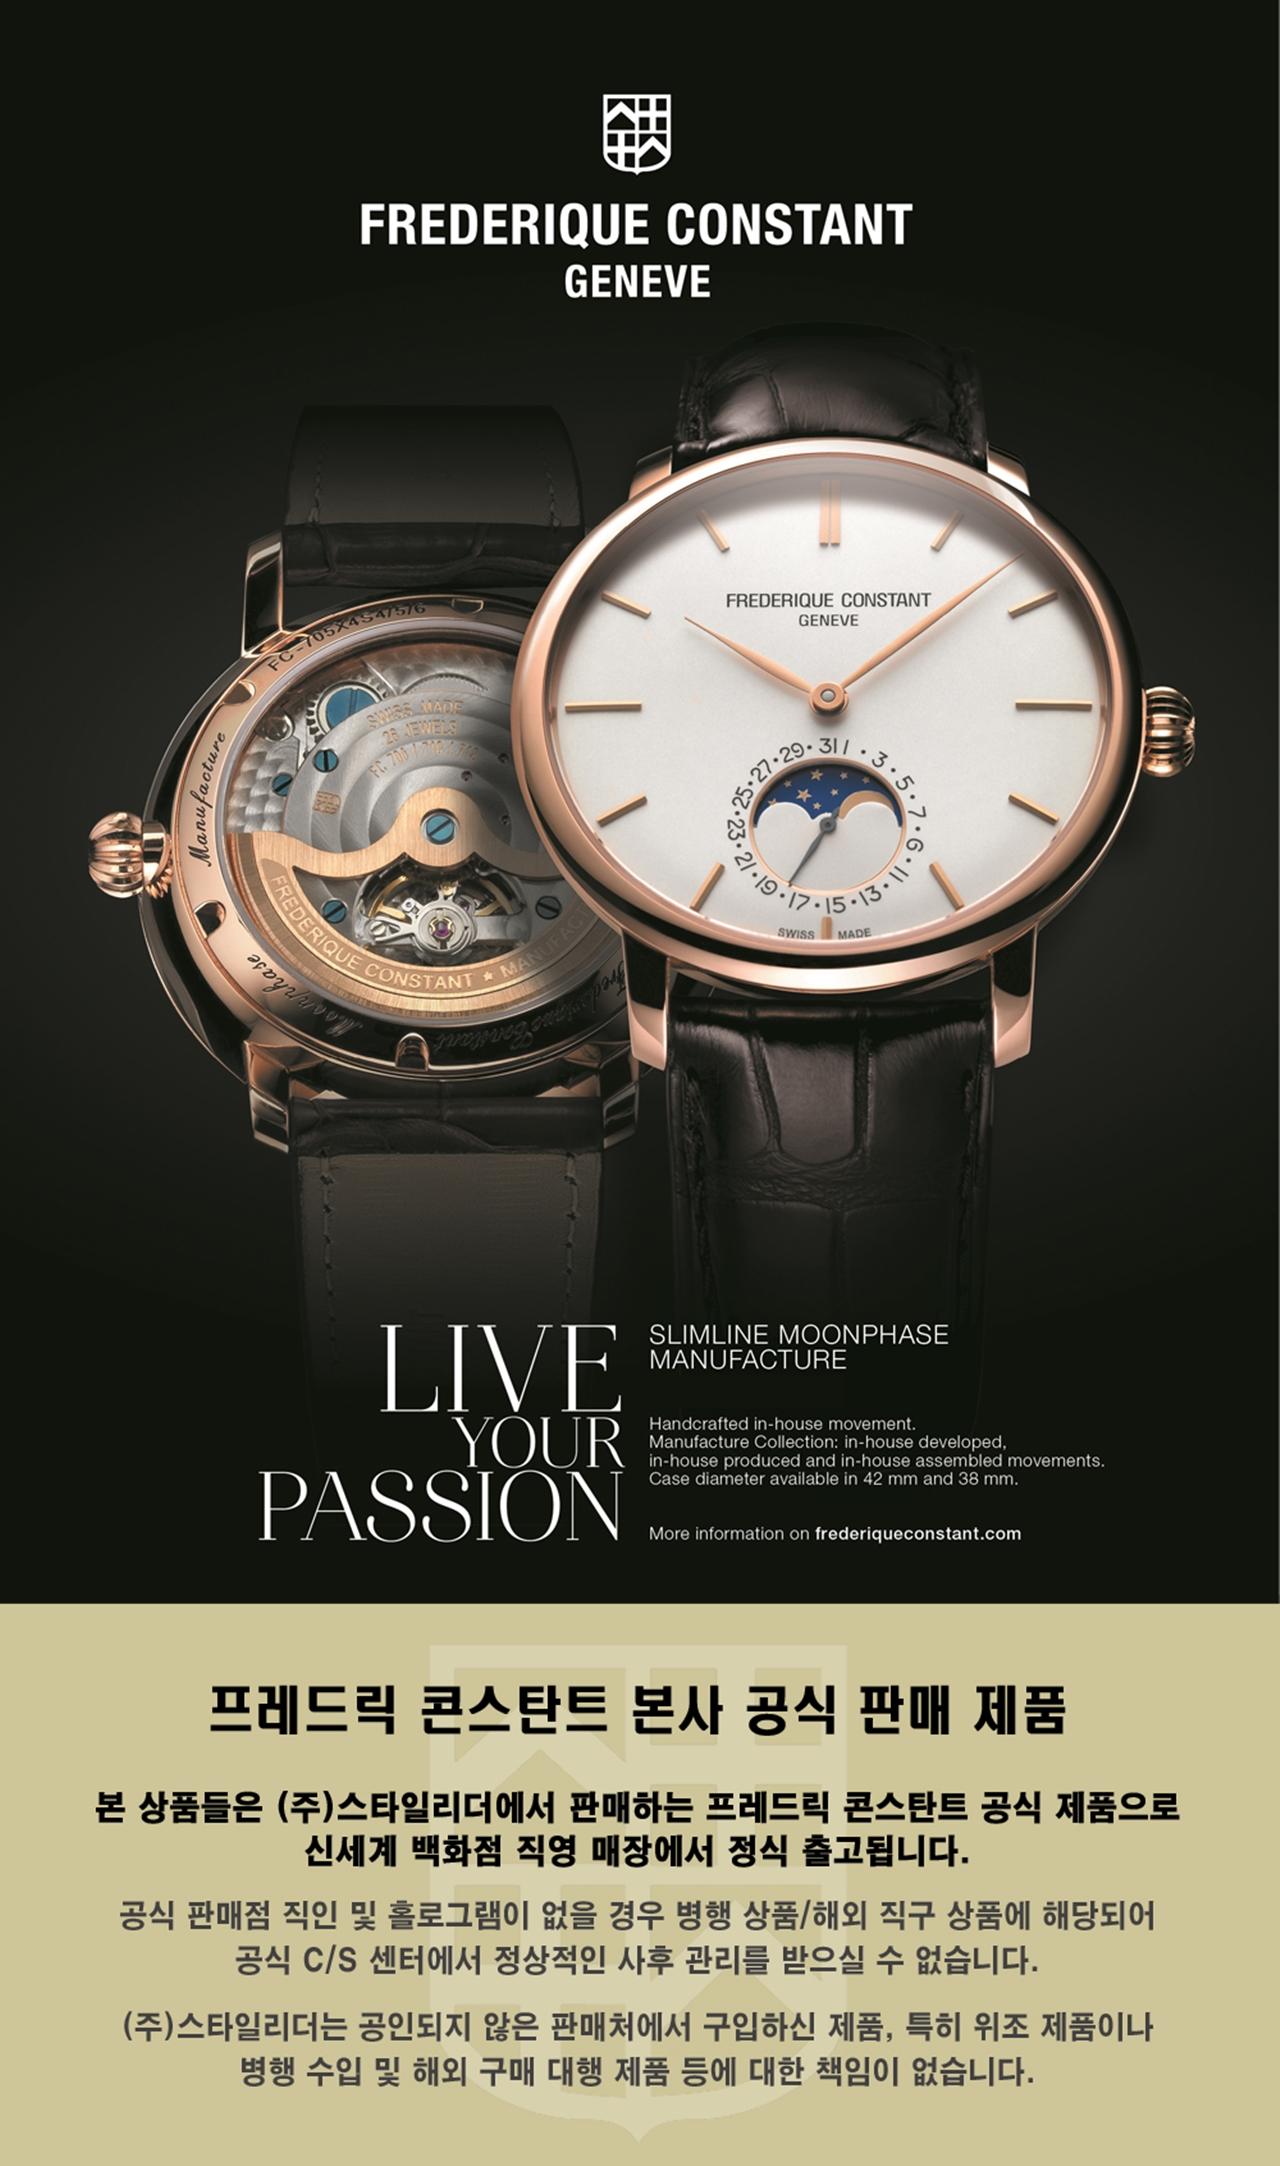 프레드릭콘스탄트 본사직영! 베스트 모델 UPTO 40%!